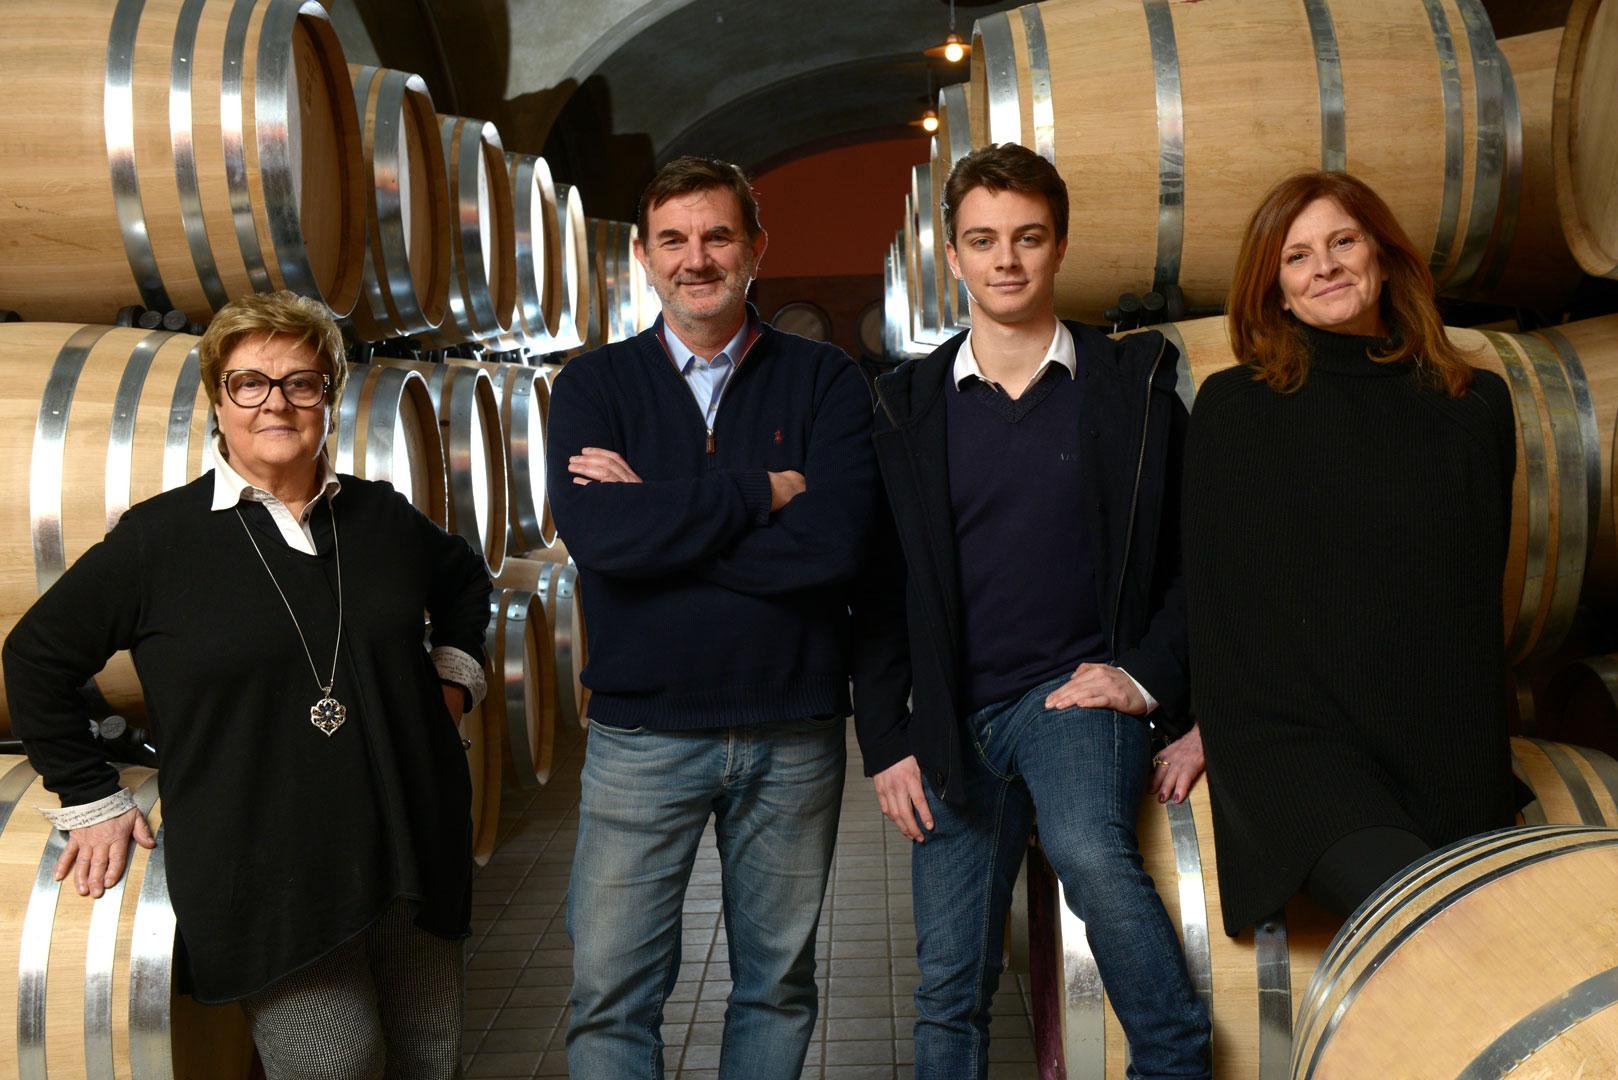 Da sinistra, Rita Tua, Stefano Frascolla con il figlio Giovanni e la moglie Simena Bisti